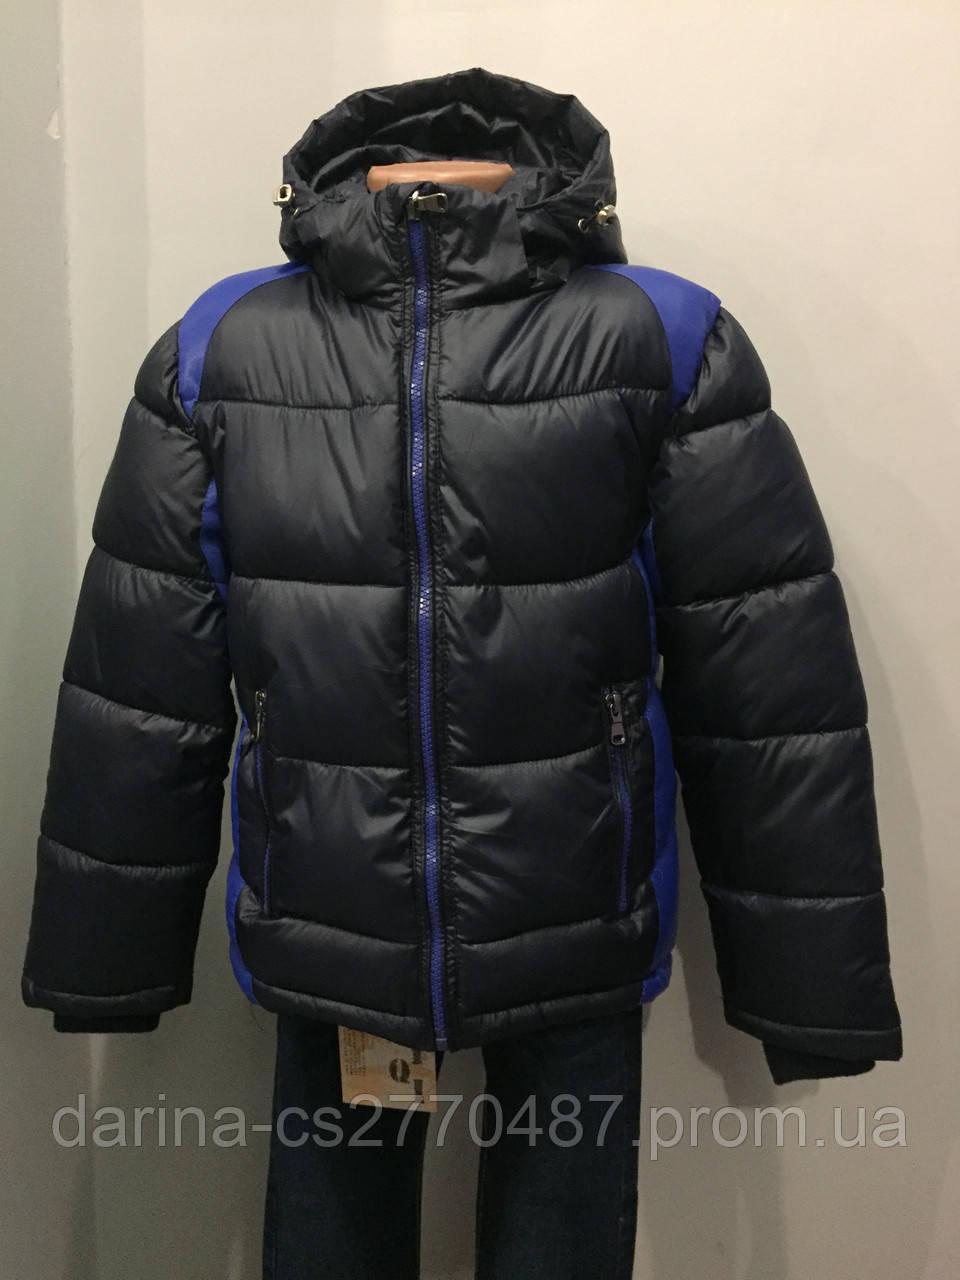 Зимняя куртка для мальчика 110,116 см